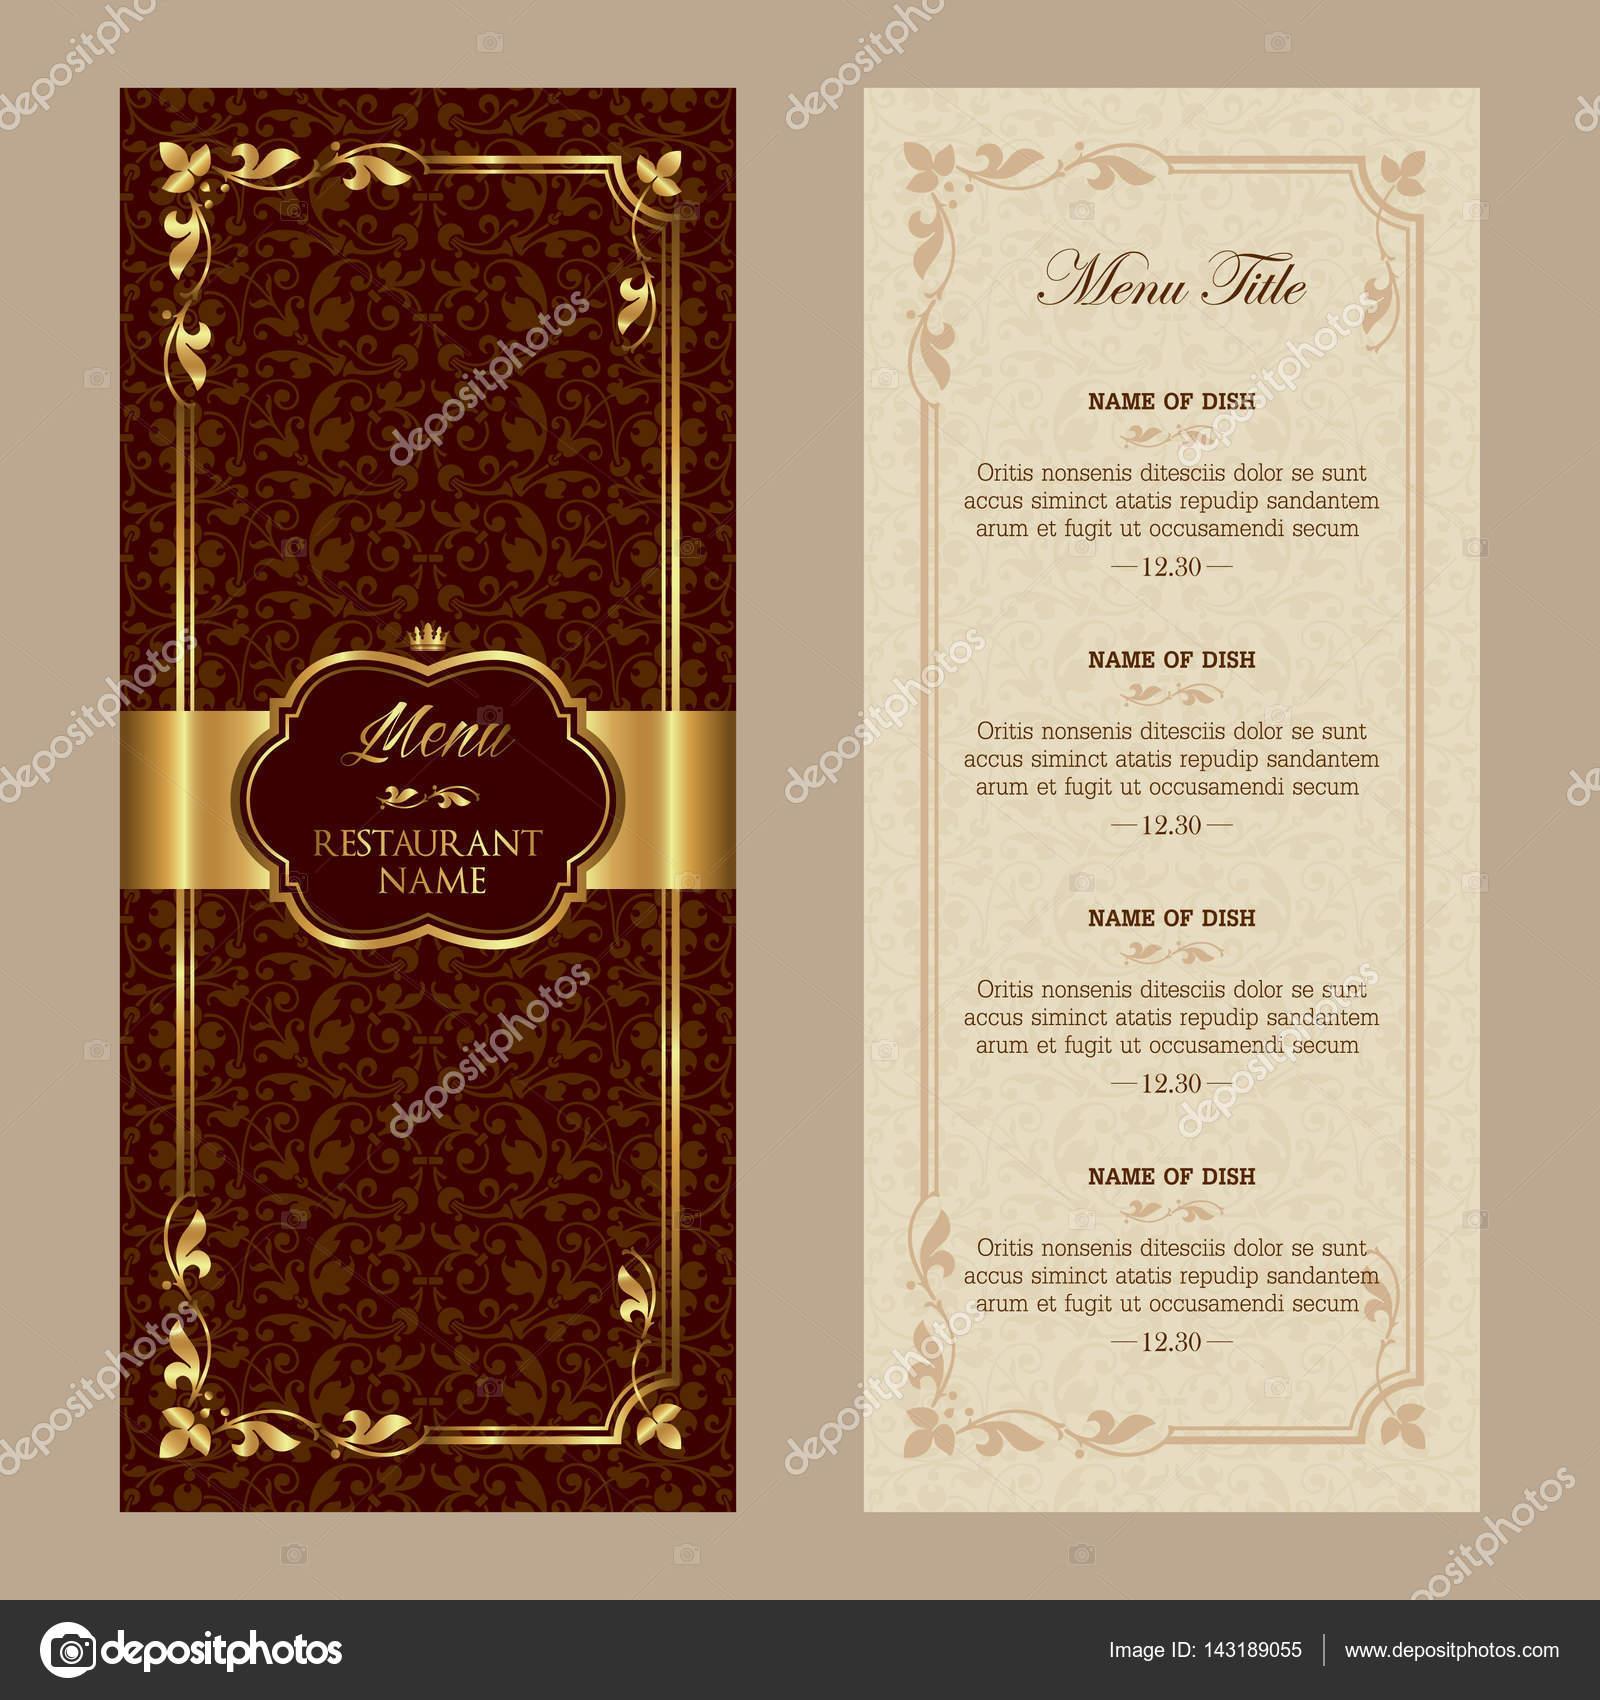 plantilla de diseño de menú de restaurante — Archivo Imágenes ...